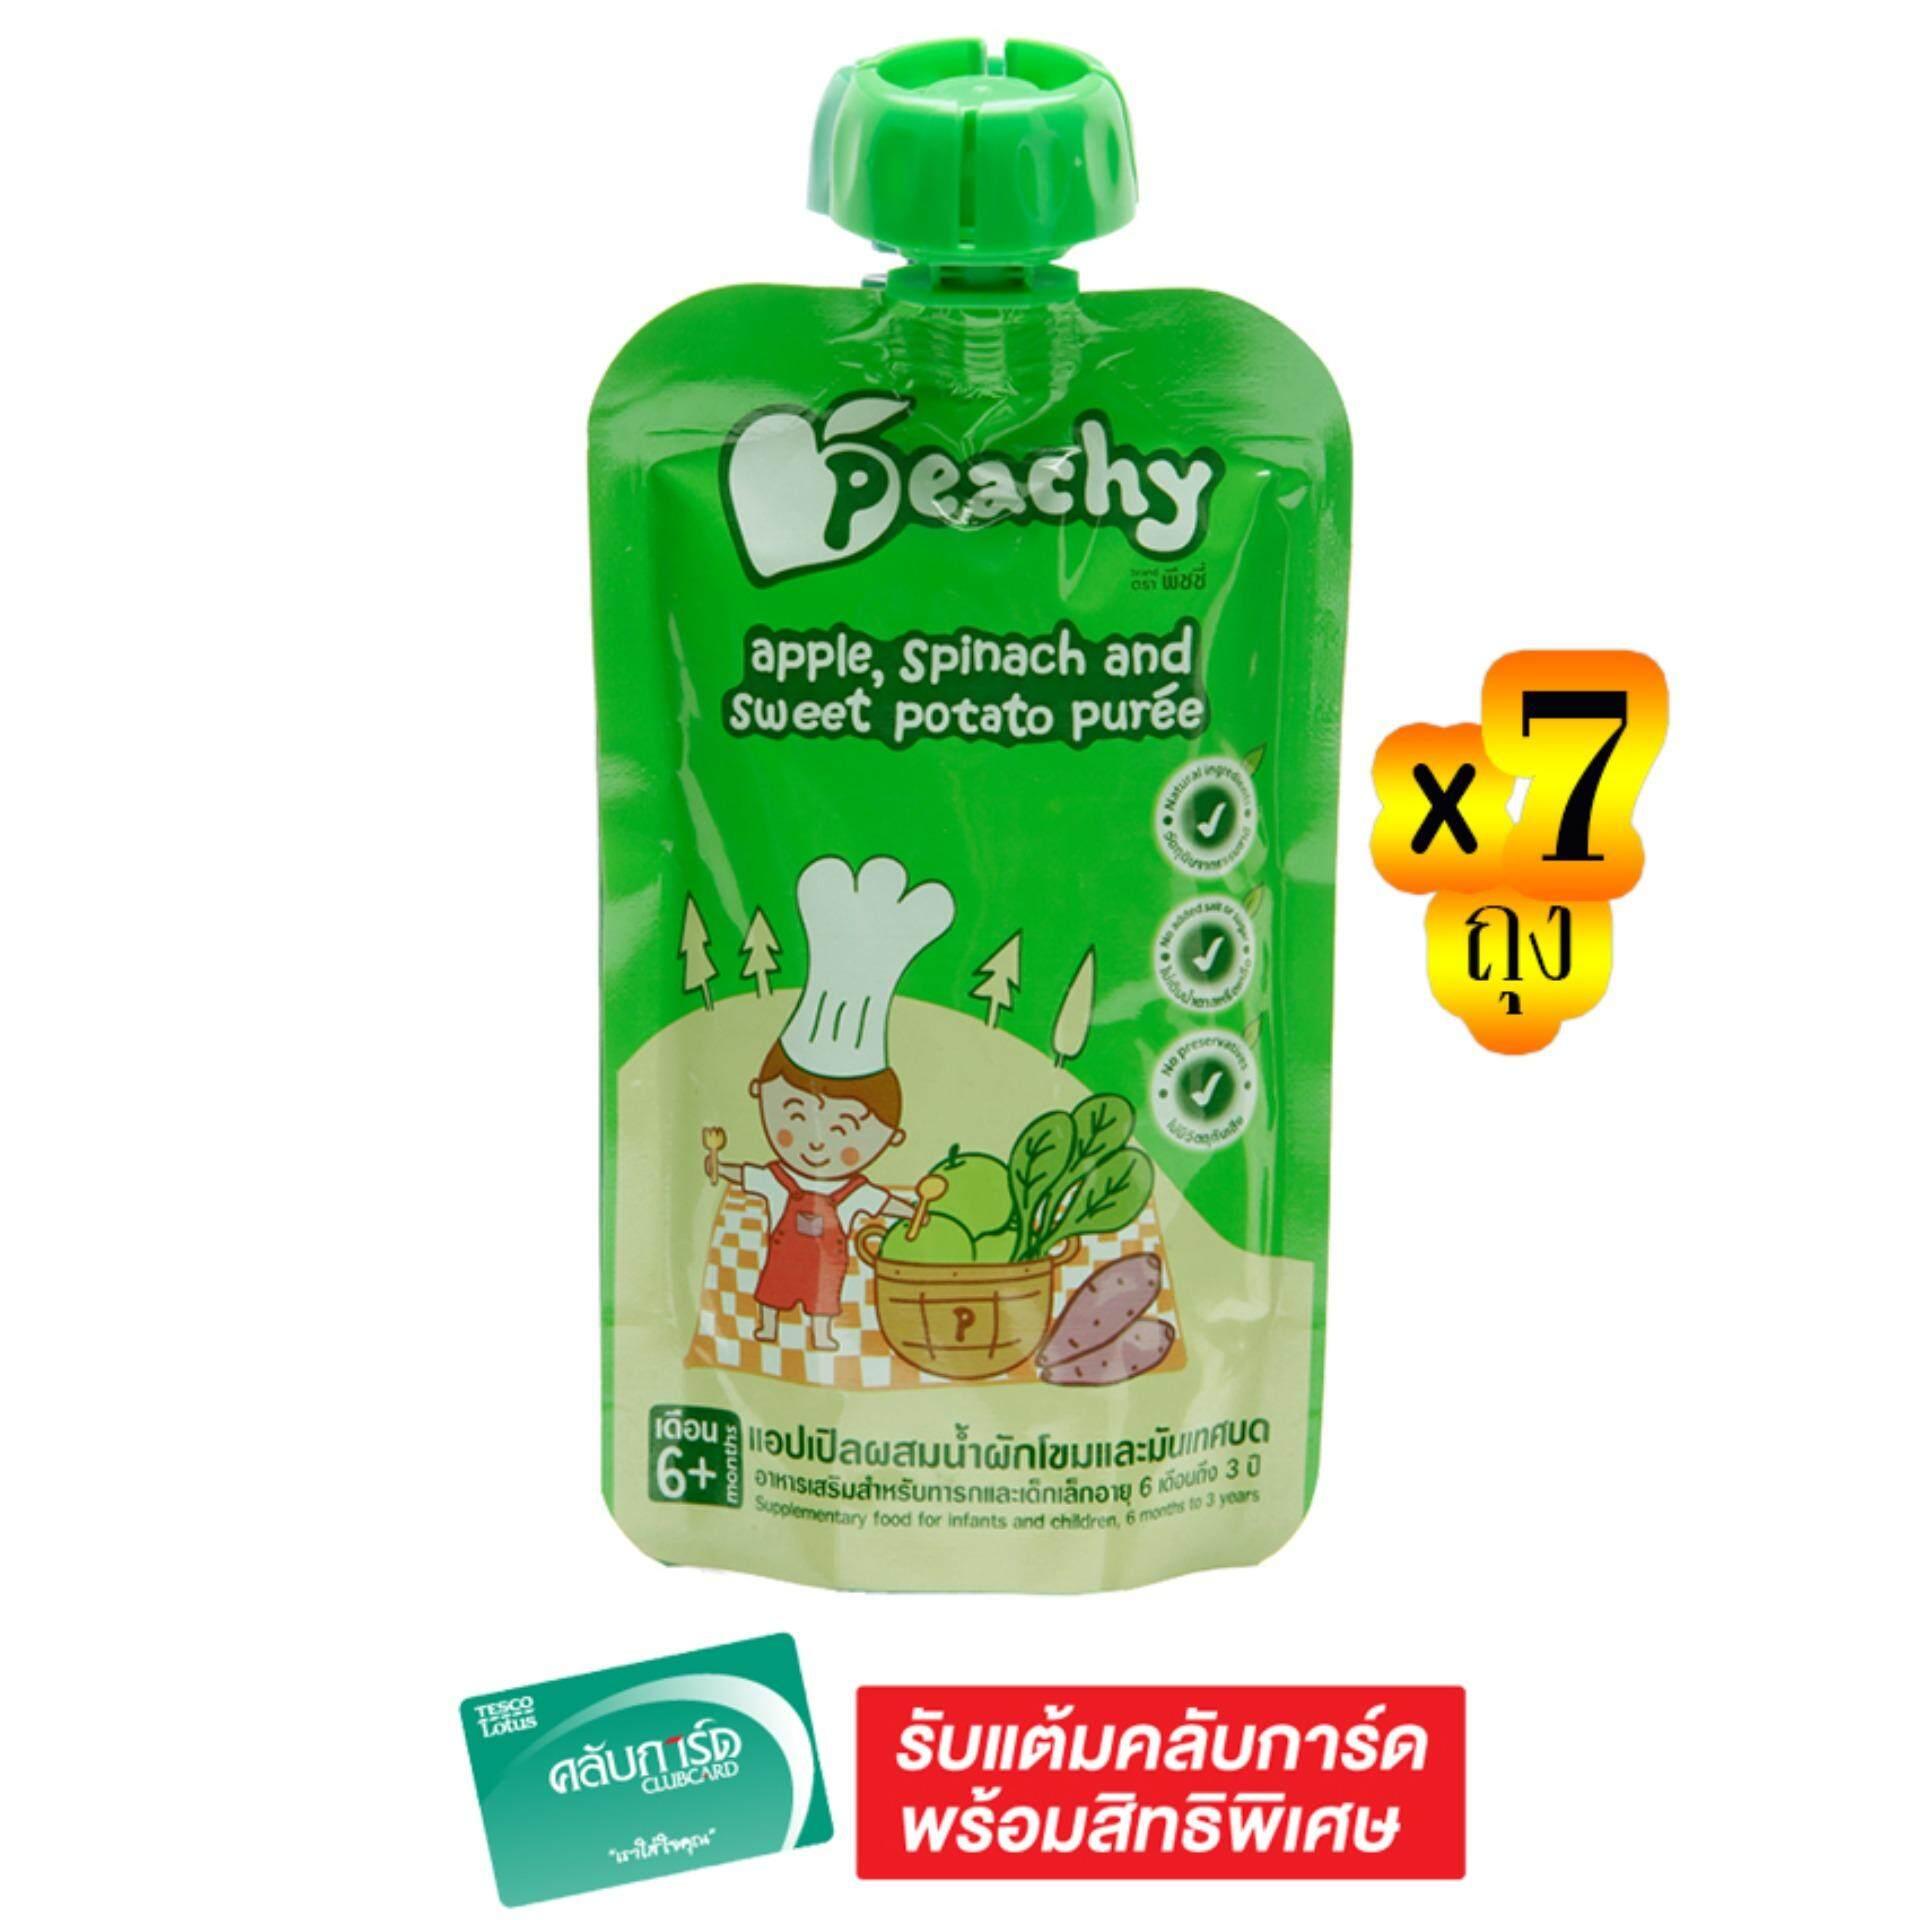 ขายยกลัง! Peachy อาหารเสริมสำหรับทารกและเด็กเล็ก - แอปเปิลผสมน้ำผักโขมและมันเทศบด 110 กรัม (ทั้งหมด 7 ถุง) By Tesco Lotus.